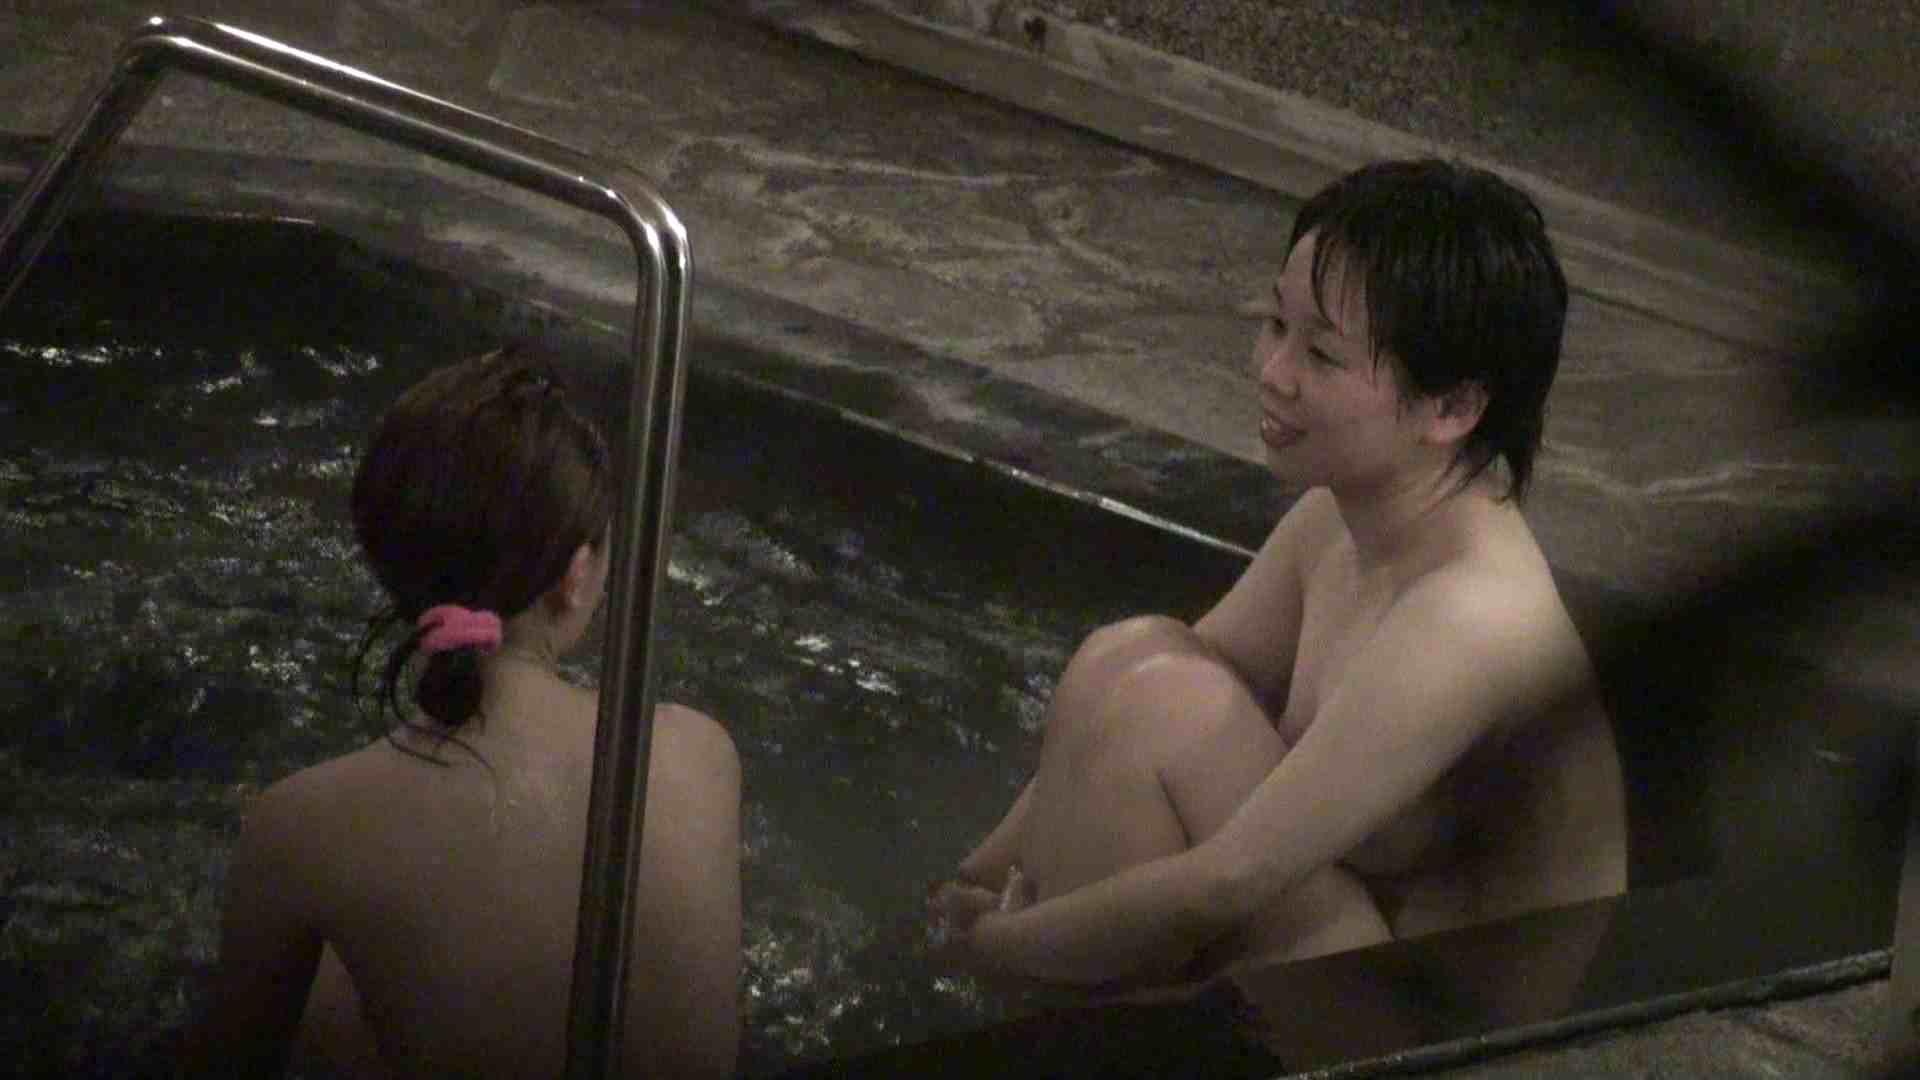 Aquaな露天風呂Vol.394 盗撮師作品 | 美しいOLの裸体  70pic 7